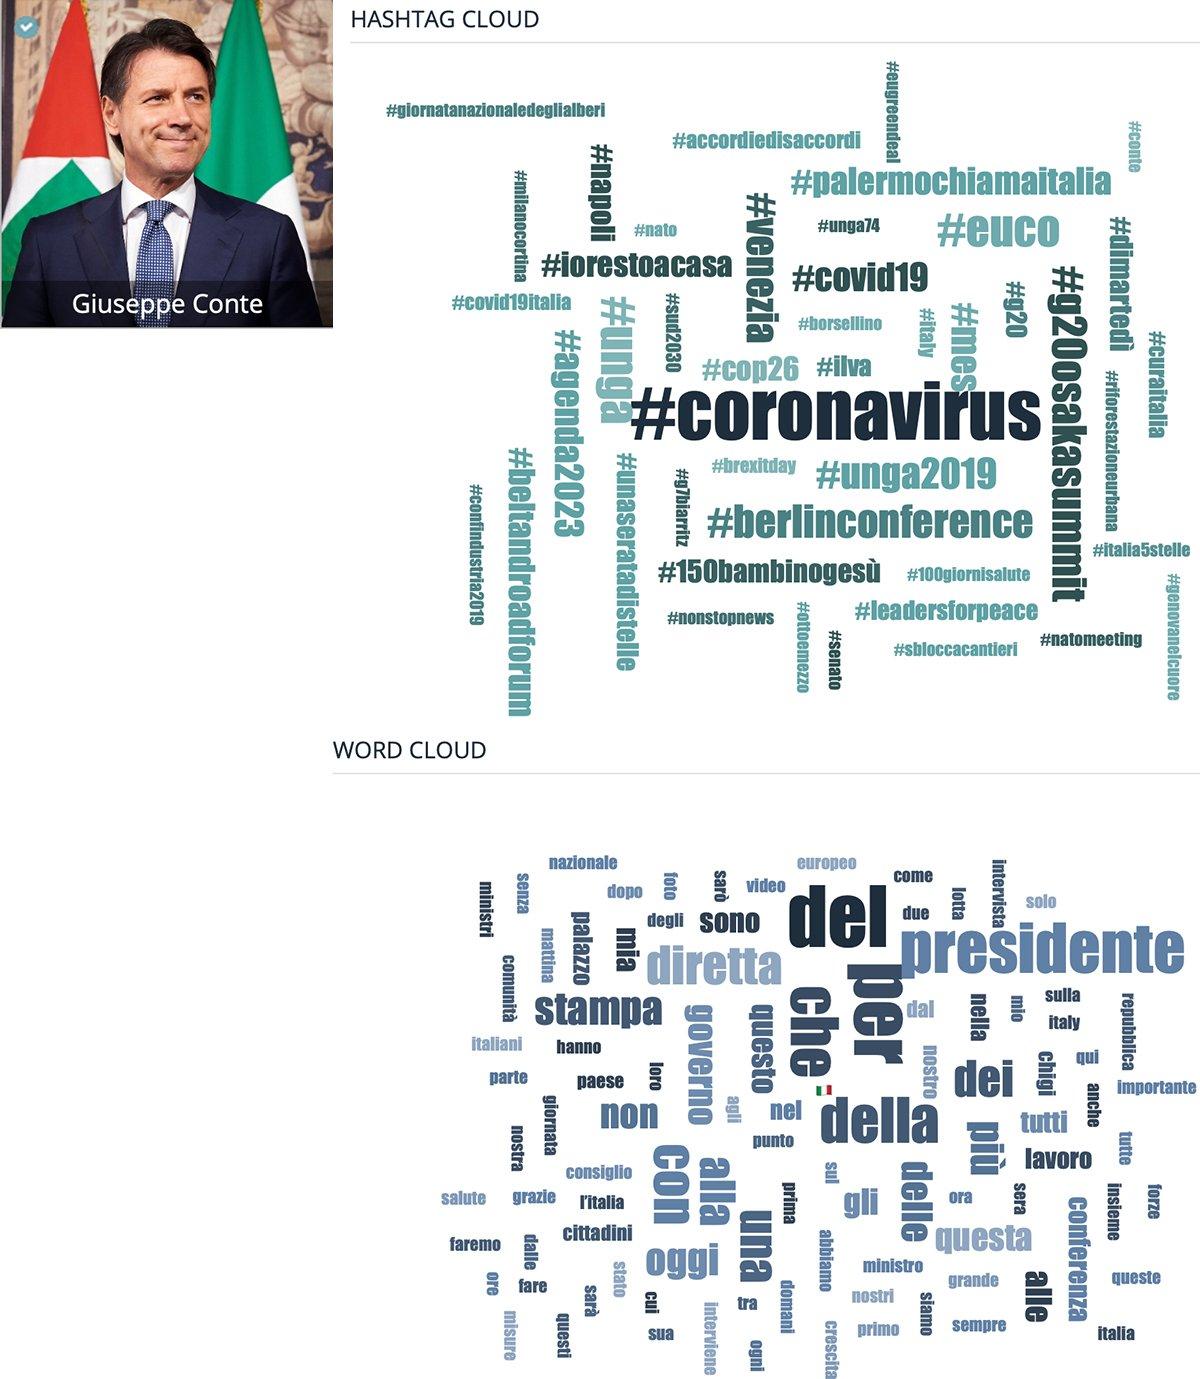 Parole Chiave e Hashtag Giuseppe Conte